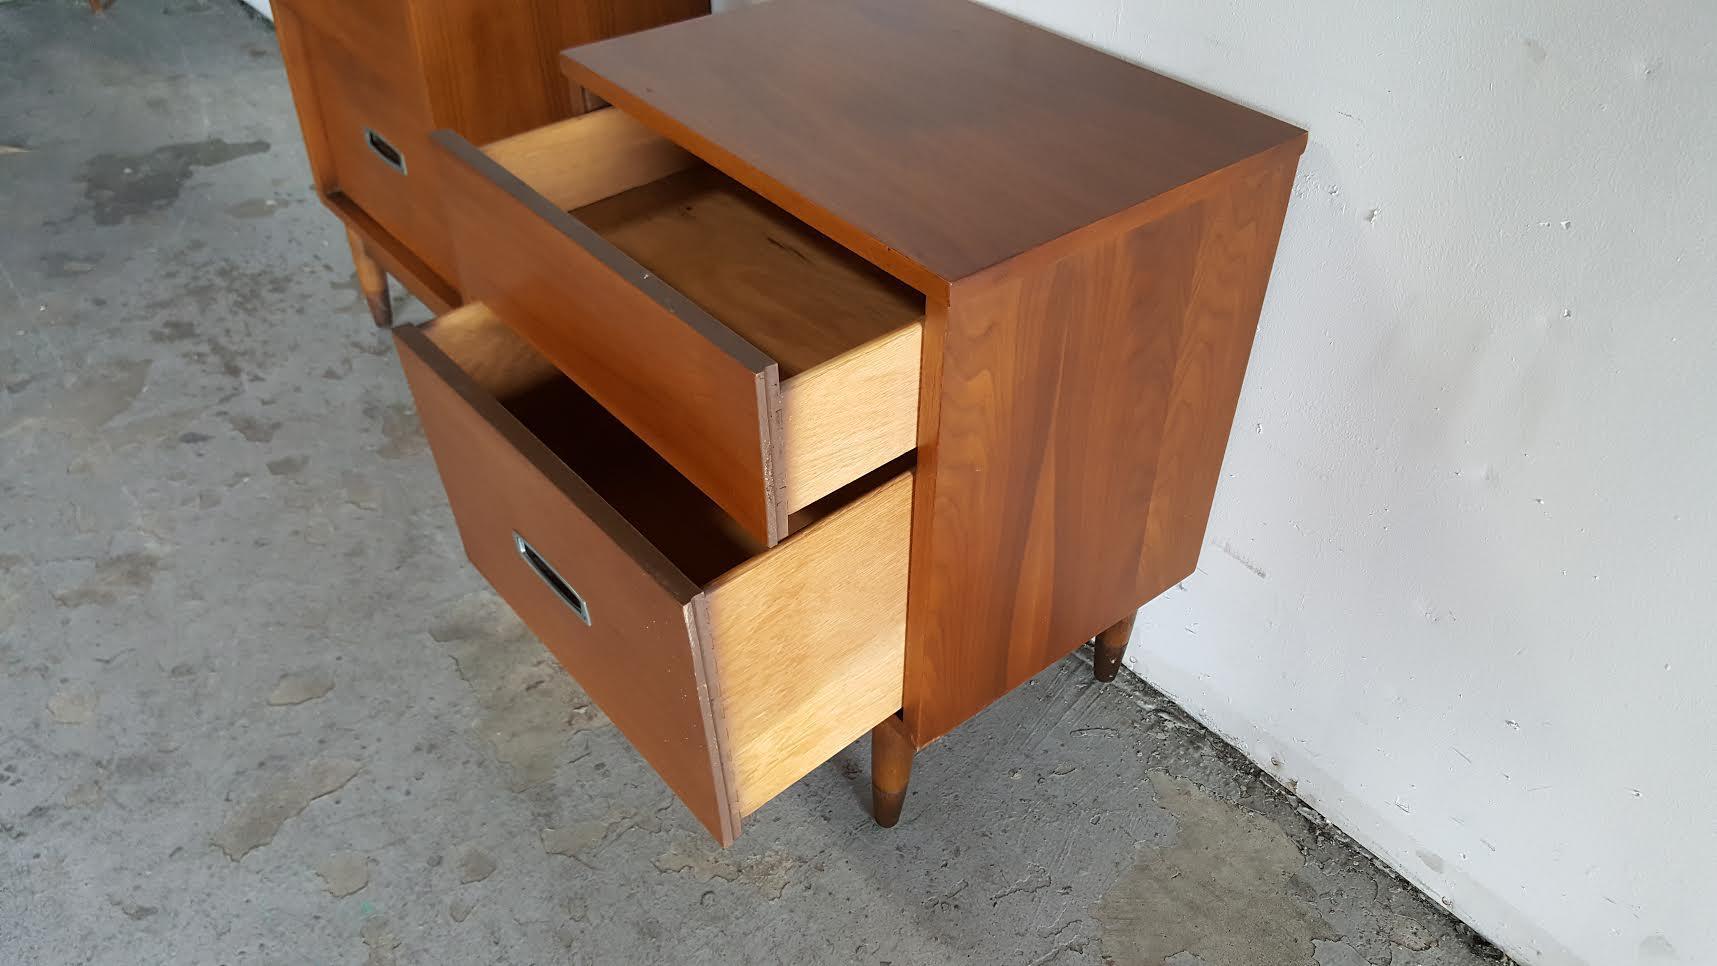 hooker mainline midcentury modern nightstands a pair image 6 of 11